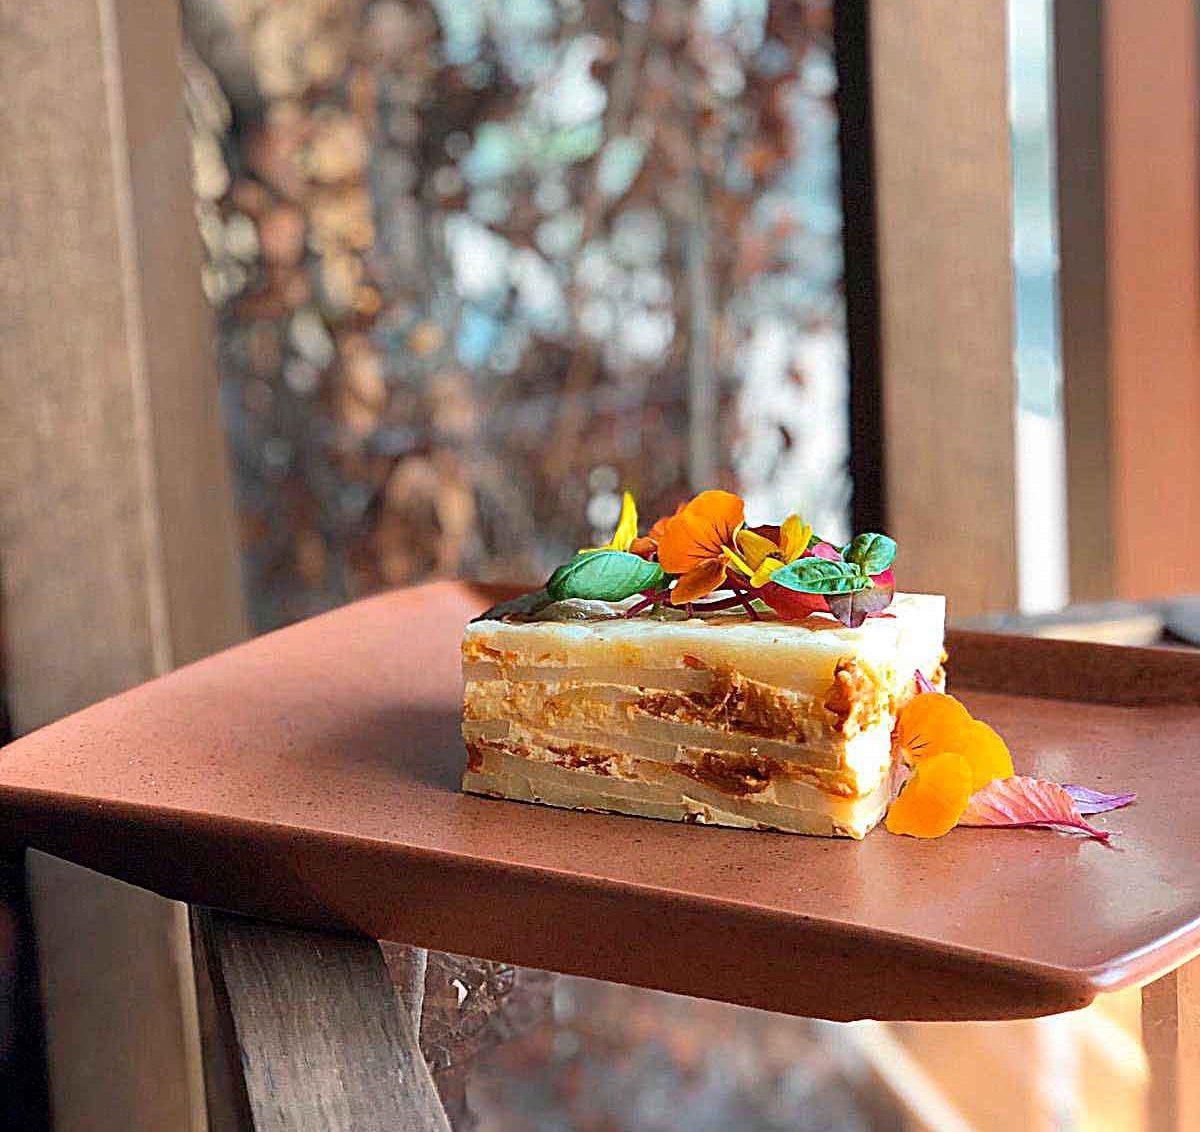 Recetas del chef Carlos Gaytán papa gratinada